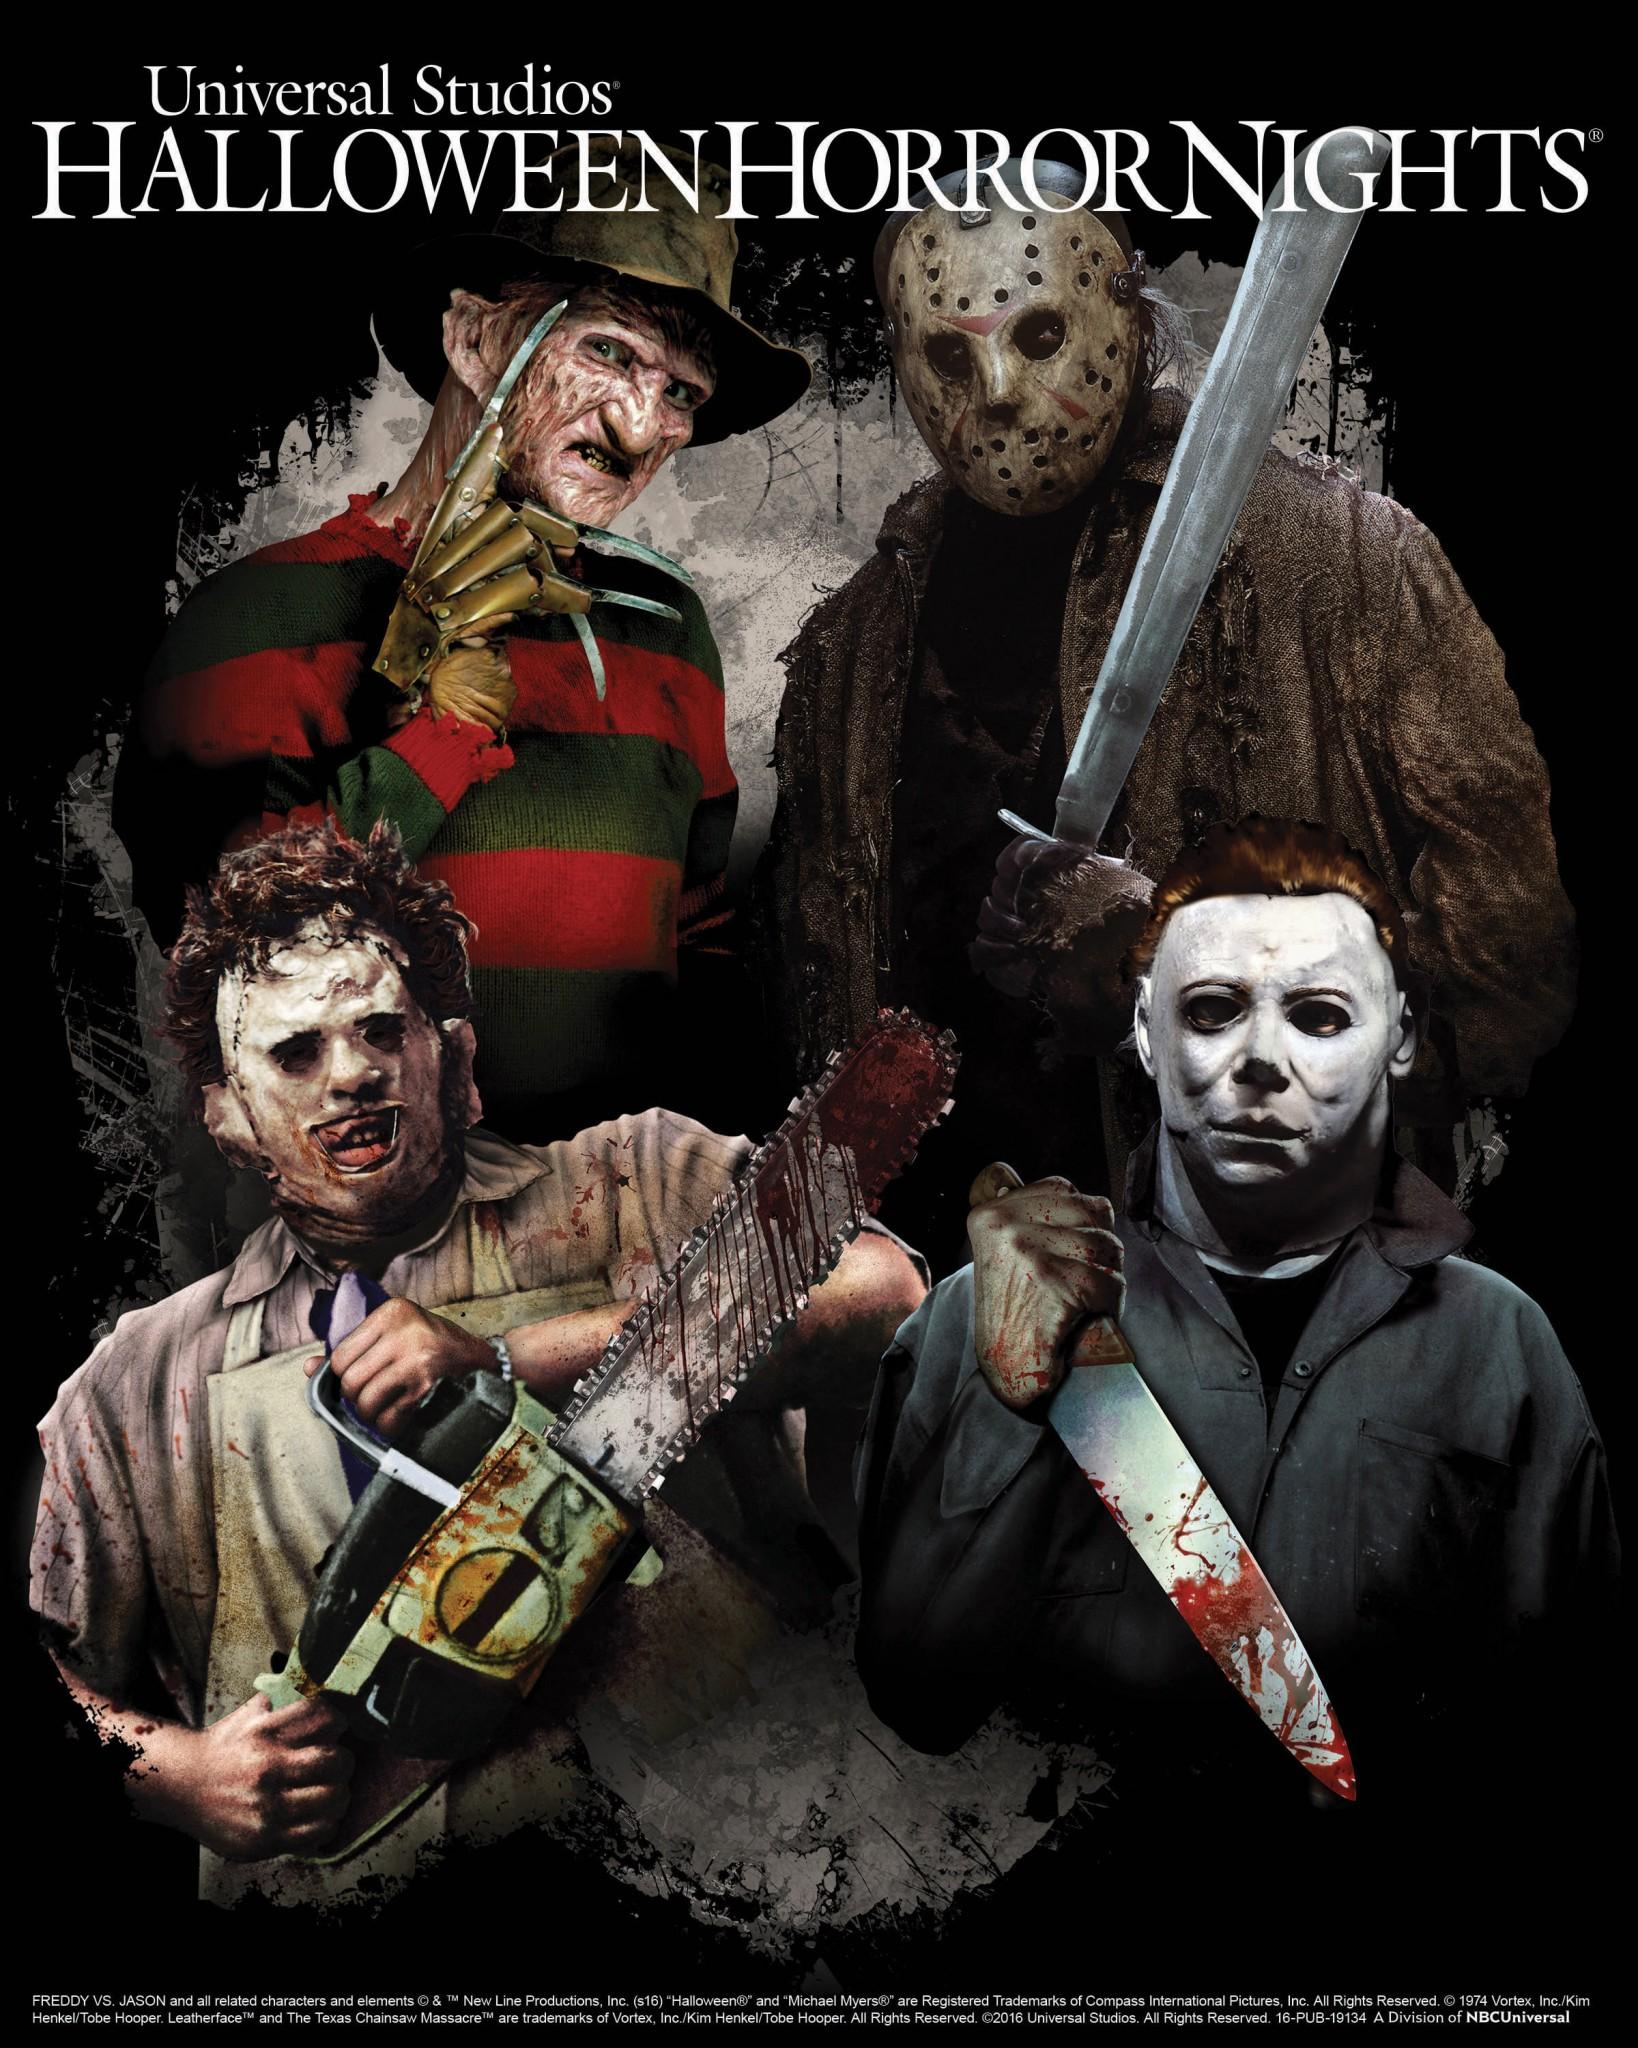 Freddy Krueger, Jason Voorhees and Leatherface